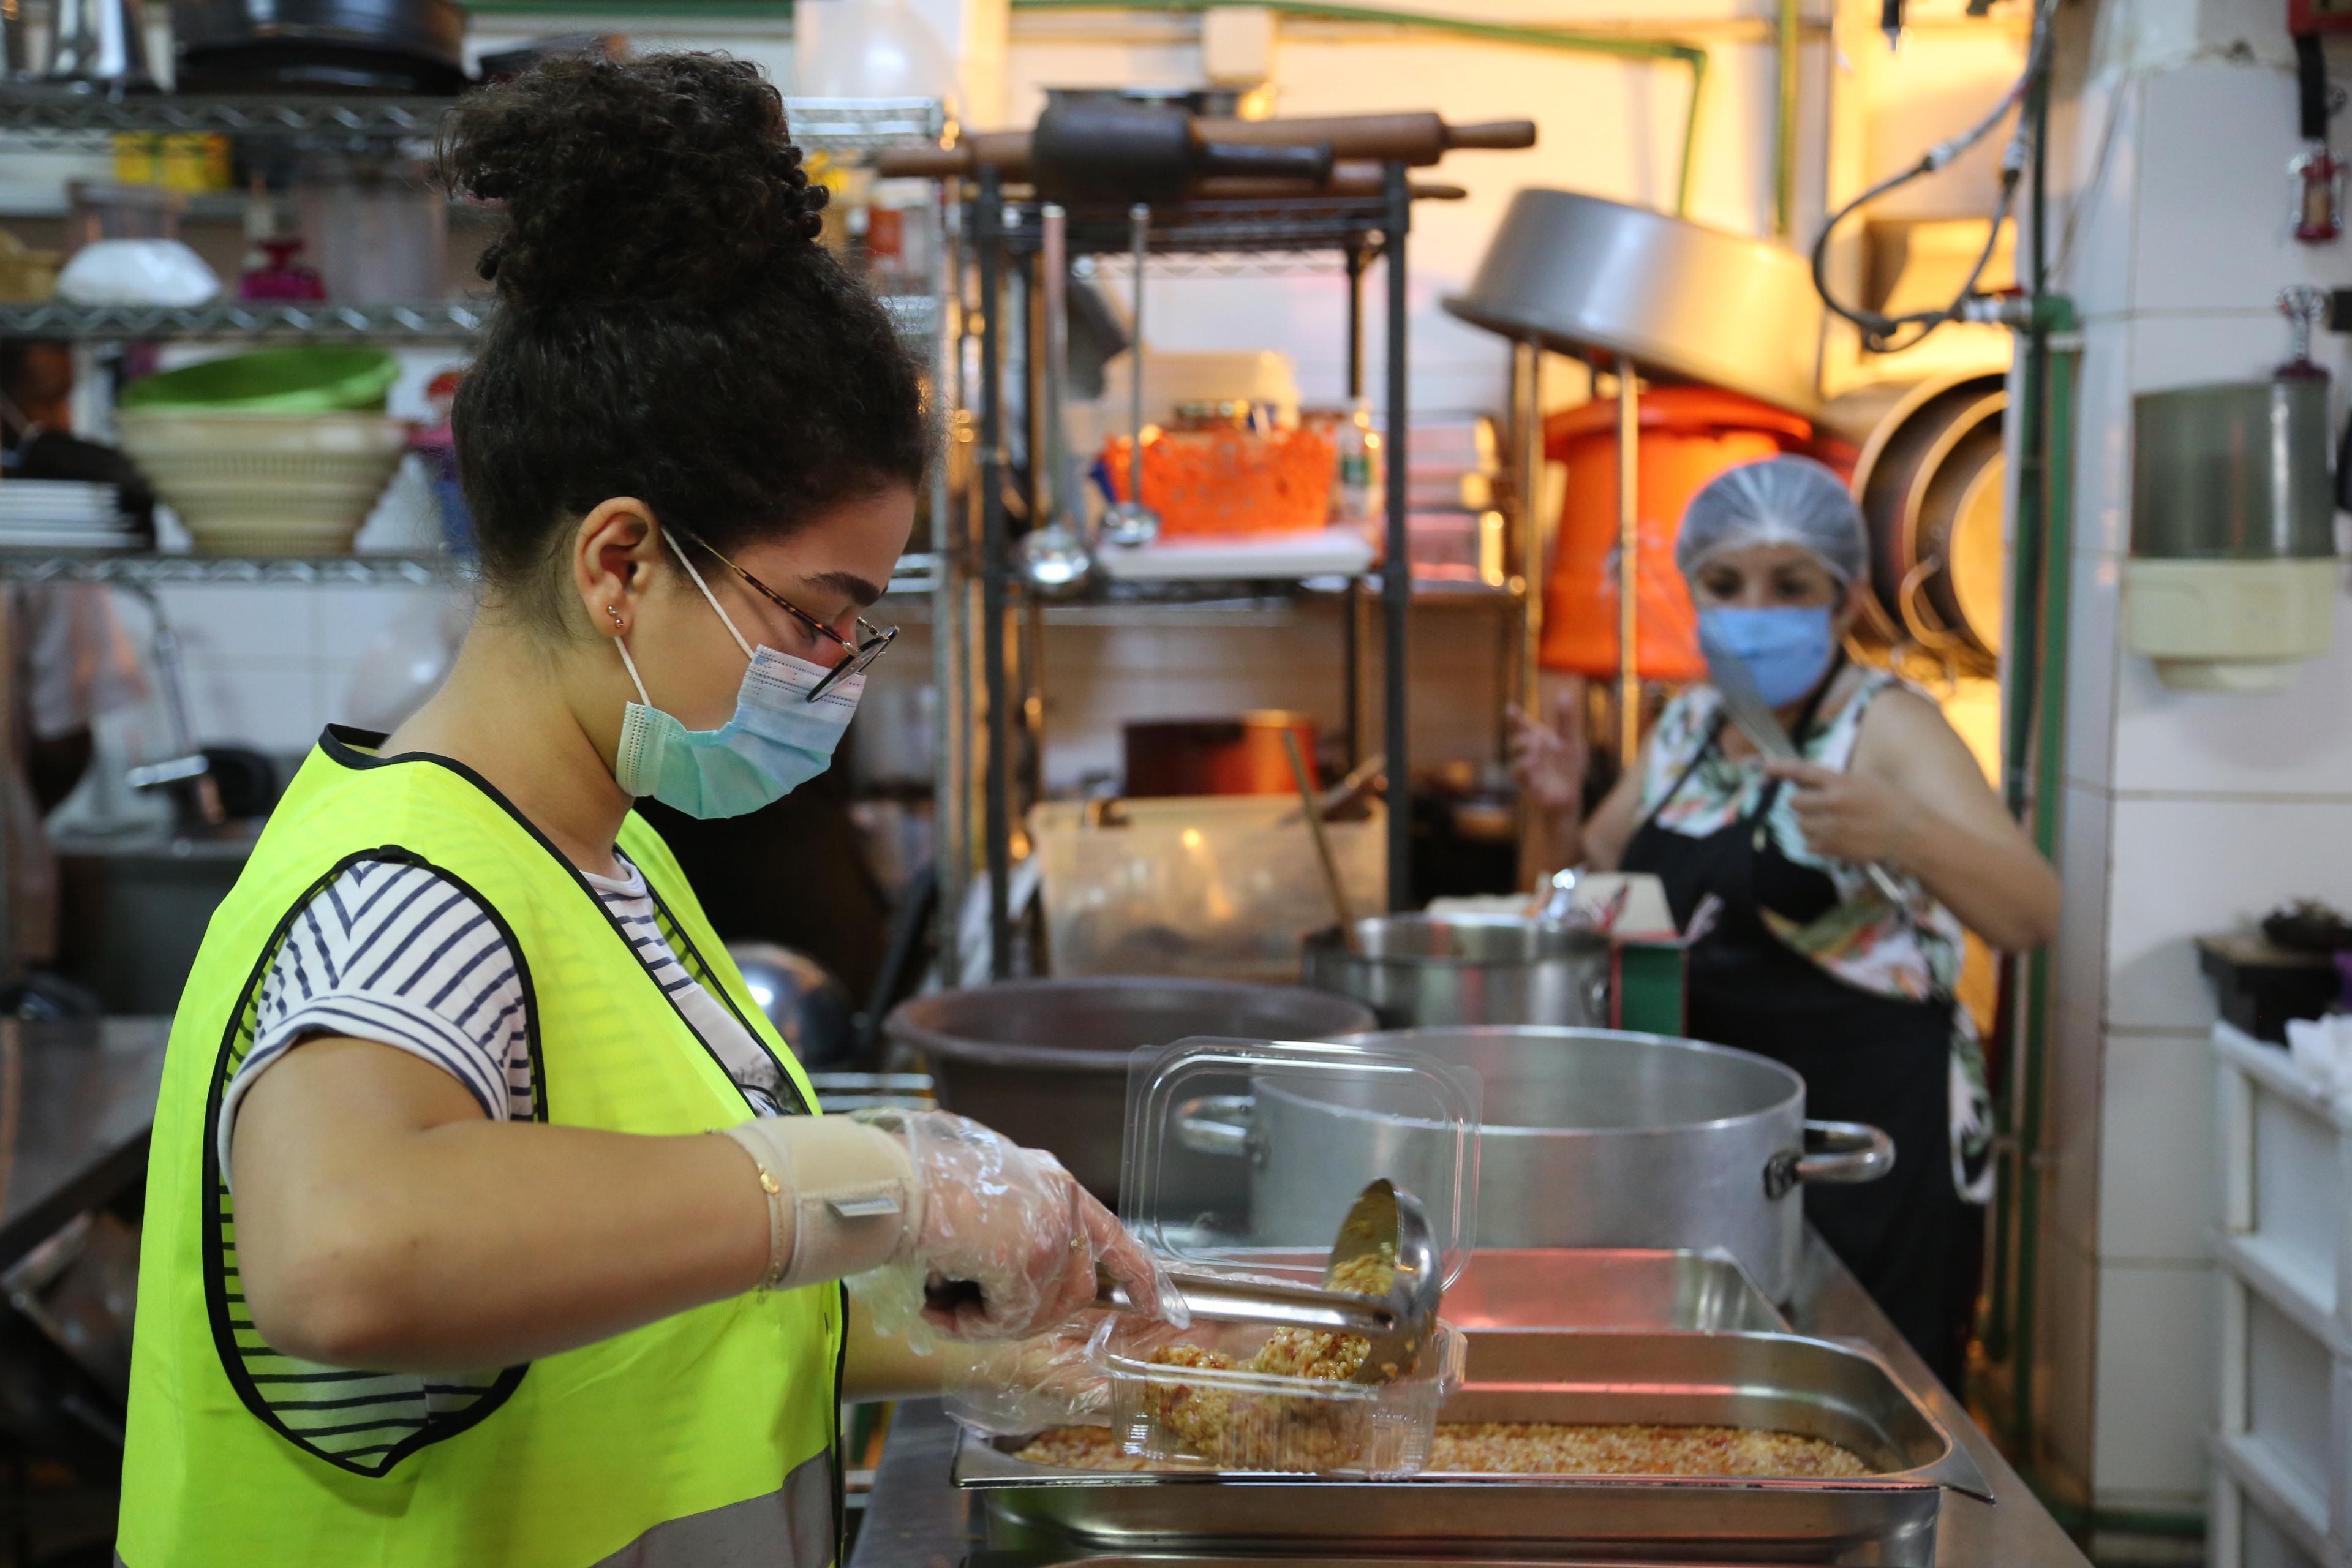 Eine kommunale Küche in Ashrafiye, Libanon, die von Freiwilligen betrieben wird. Sie versorgt Menschen, die durch die Explosion im Beiruter Hafen ihre Wohnungen oder Arbeitsplätze verloren haben.